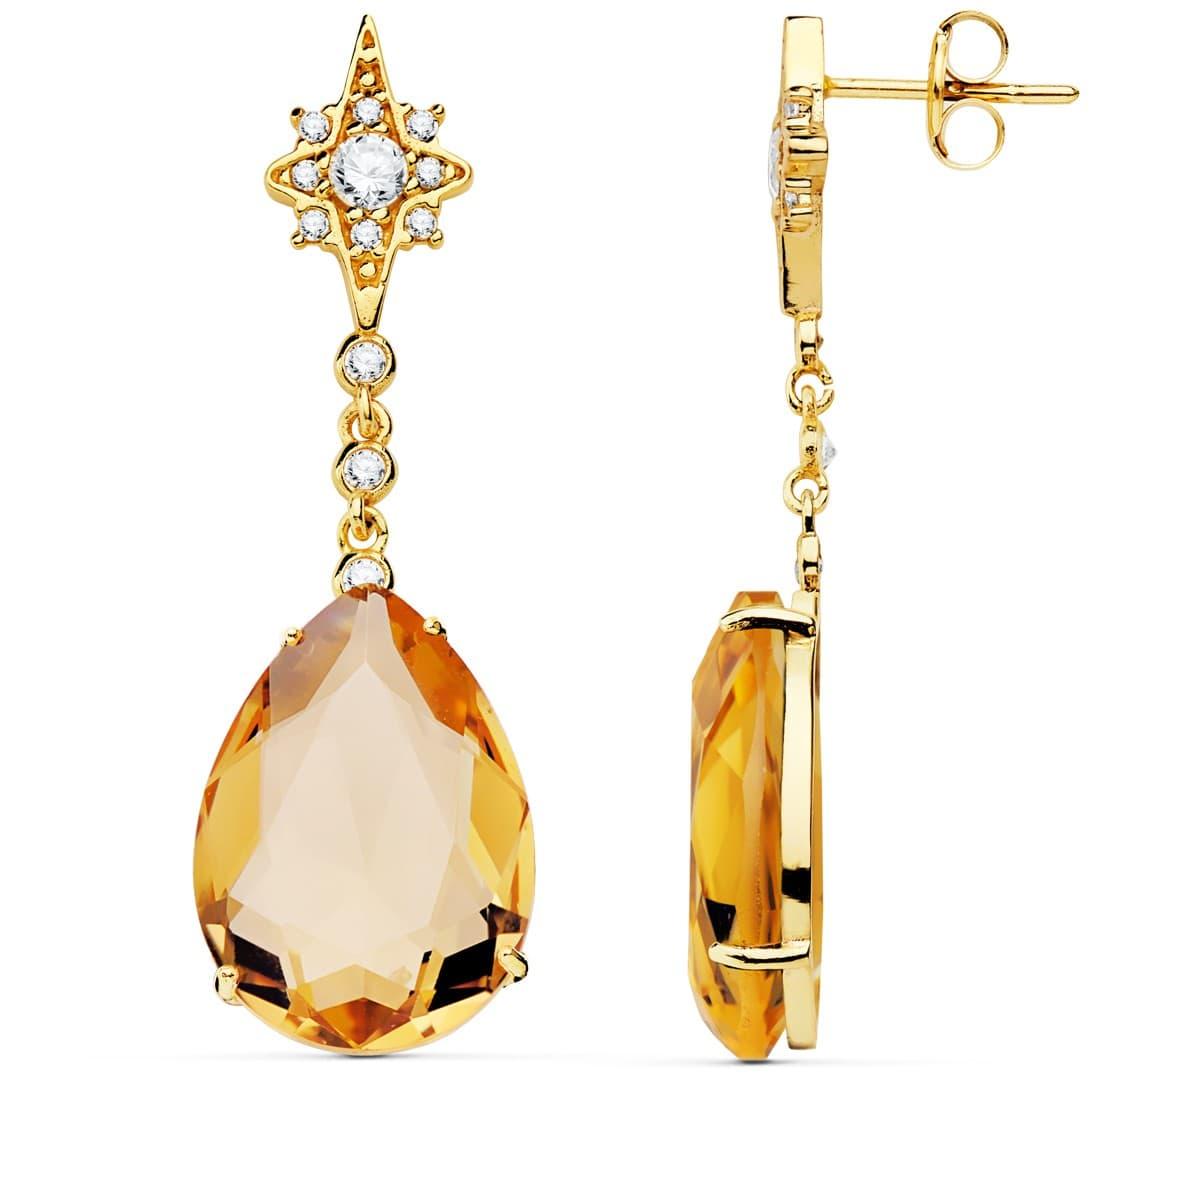 3d826e790f56 Pendientes Dakota Oro Amarillo 18K Piedra Champagne Joyas invitada de boda  mujer ...